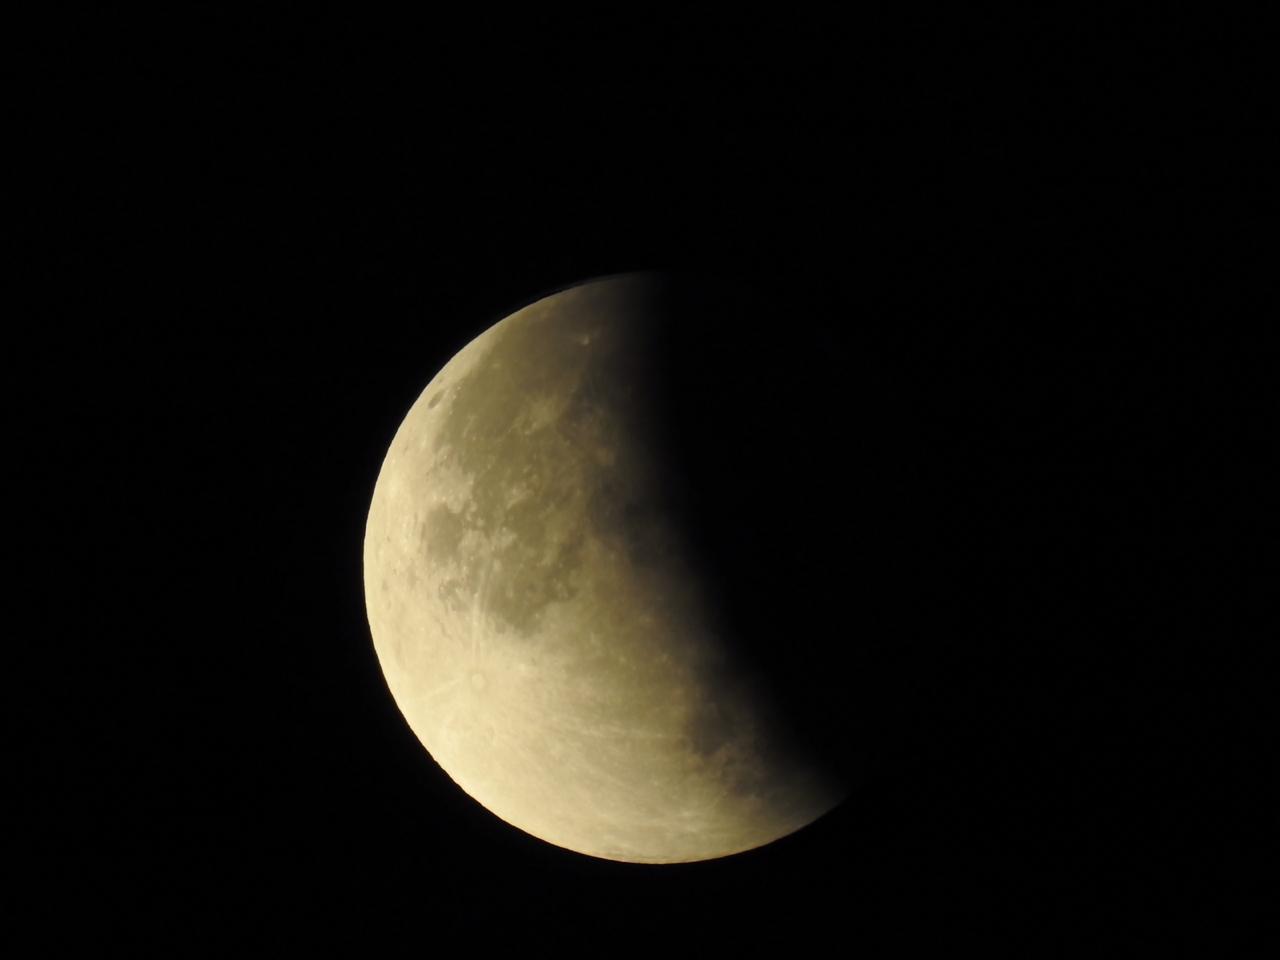 صورة للخسوف الجزئي للقمر الذي شهدته المنطقة العربية  أمس